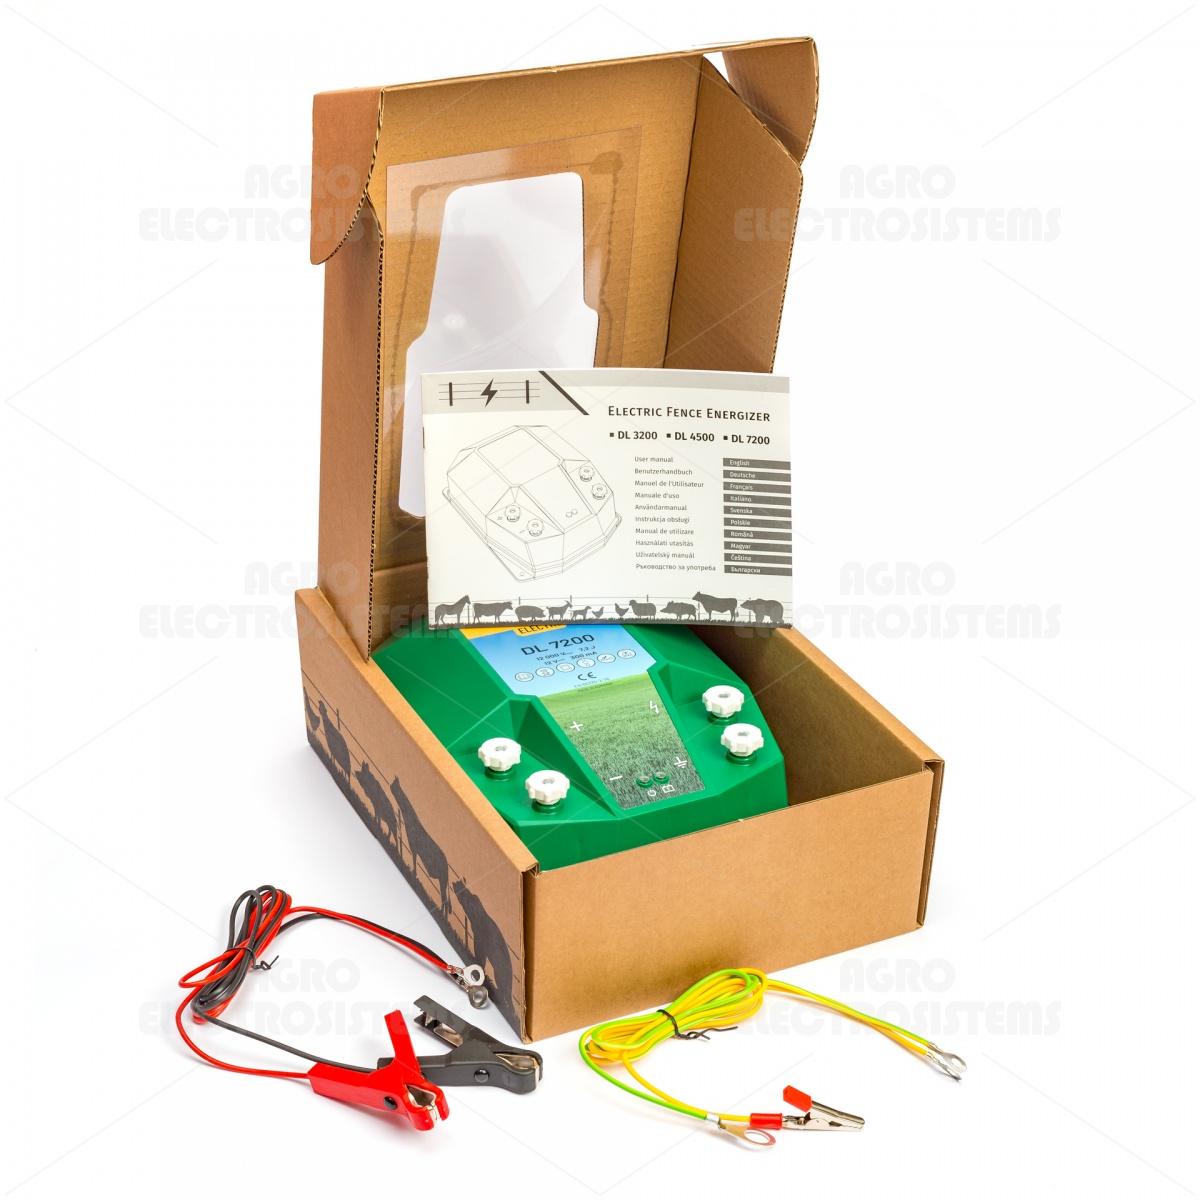 DL7200 villanypásztor készülék, 12V, 7,2Joule, napelemes rendszerrel